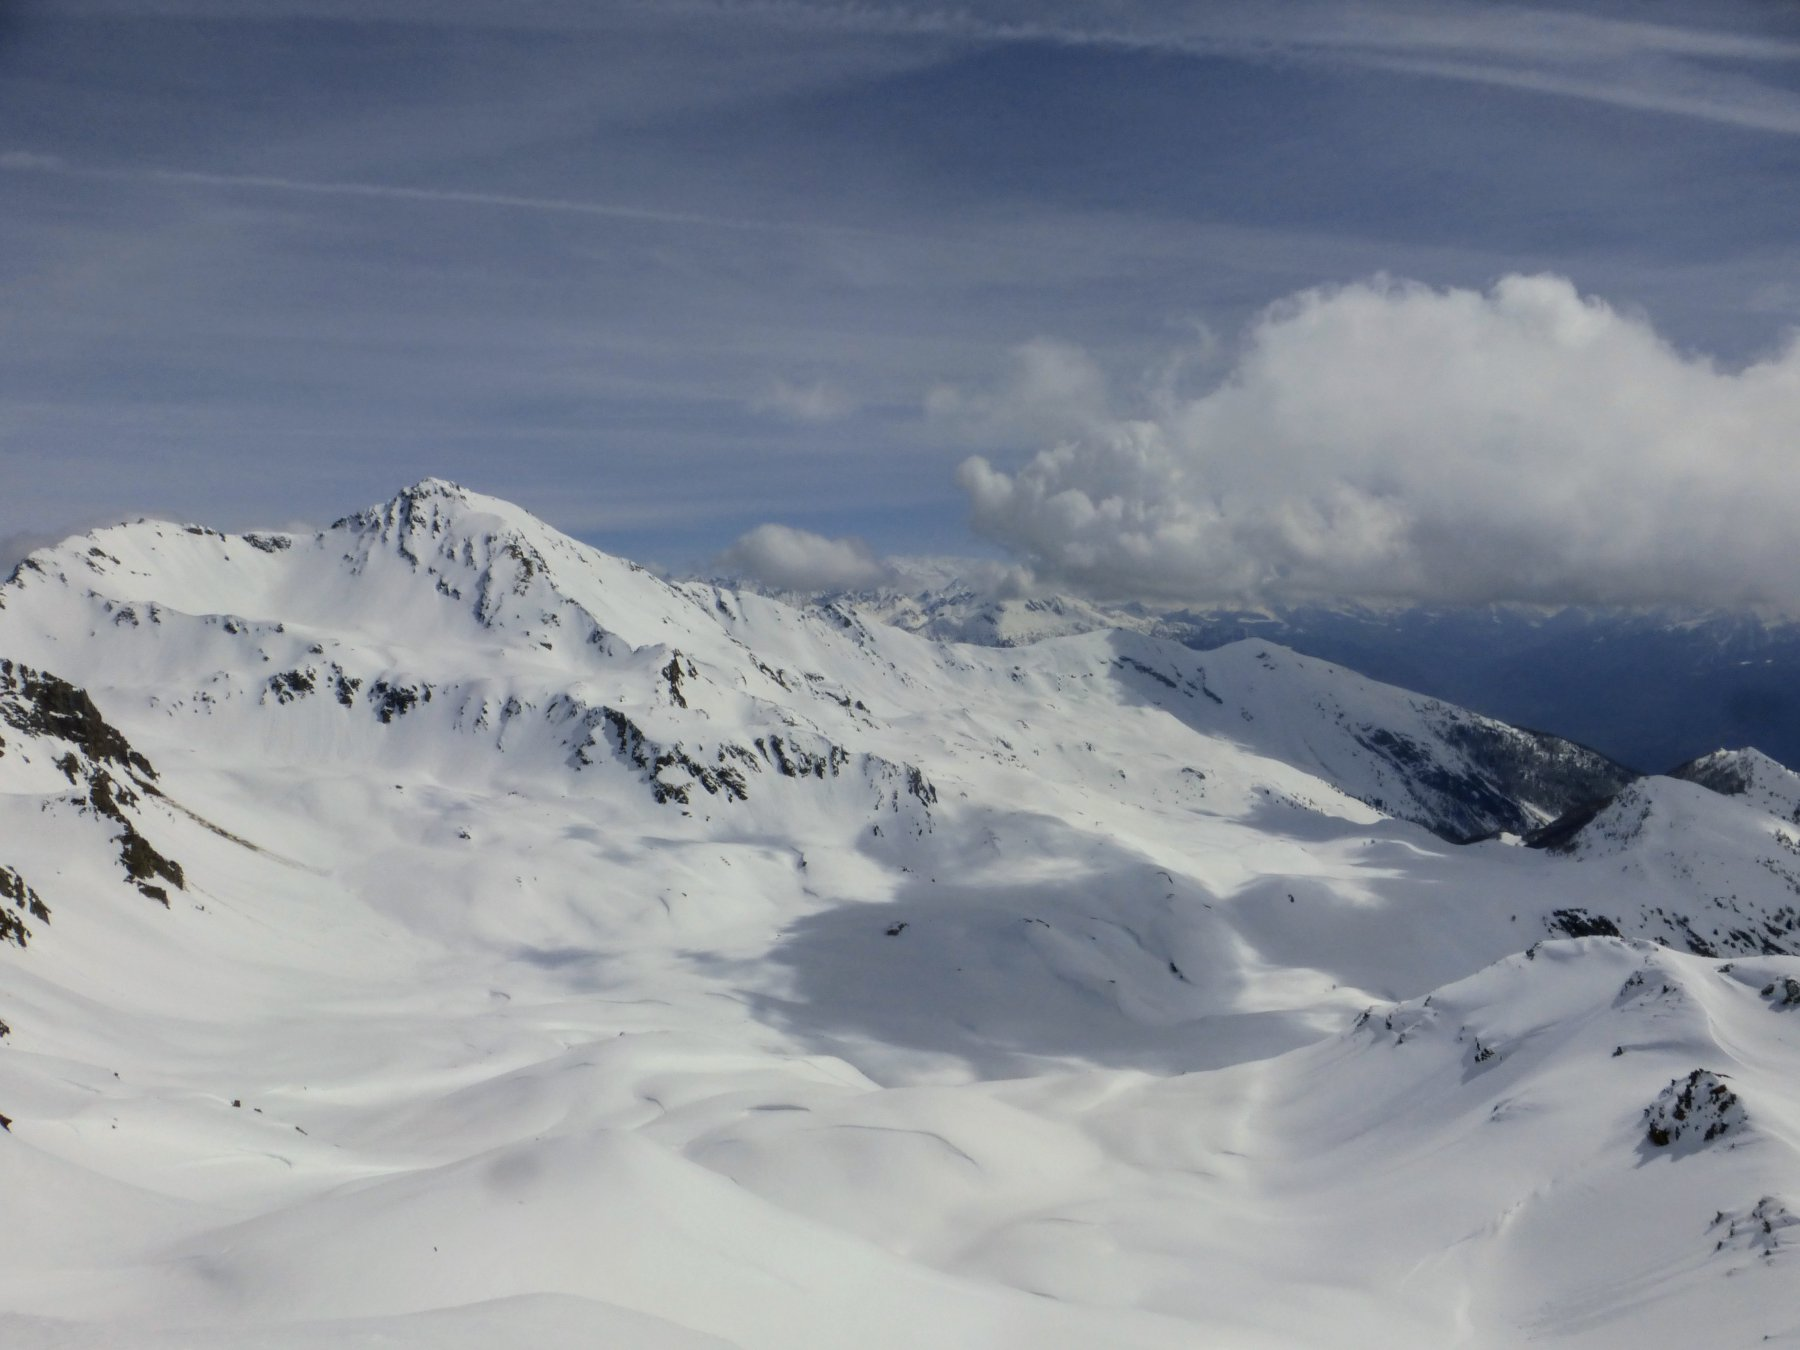 verso il Fallère quantità di neve da far invidia ai mesi invernali